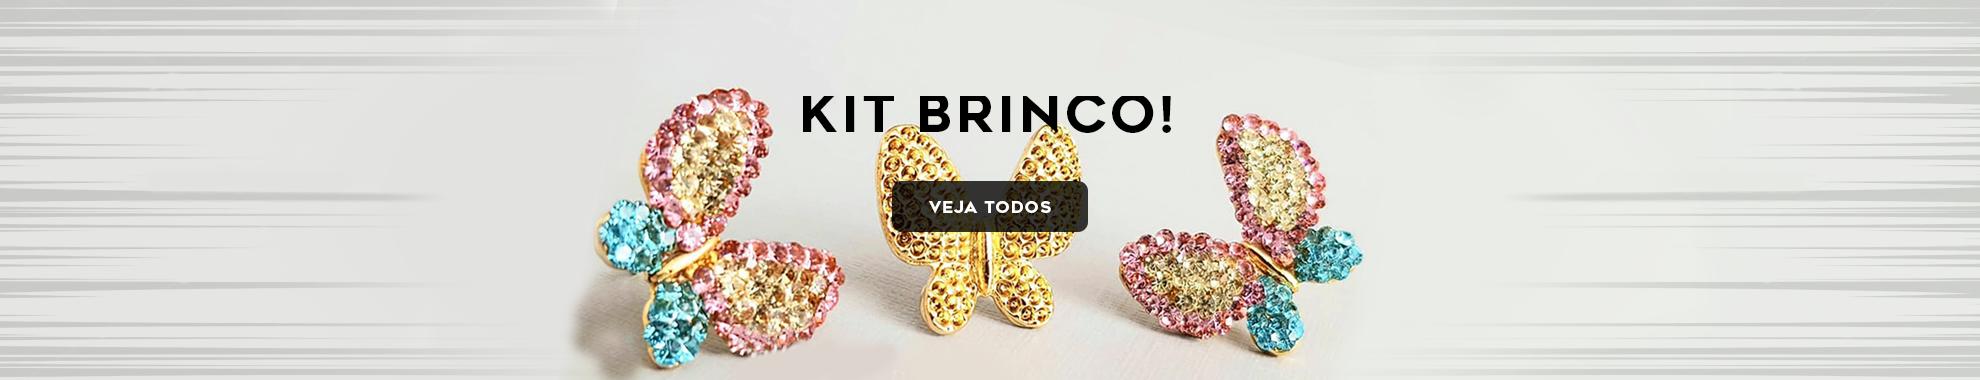 Kit Brinco